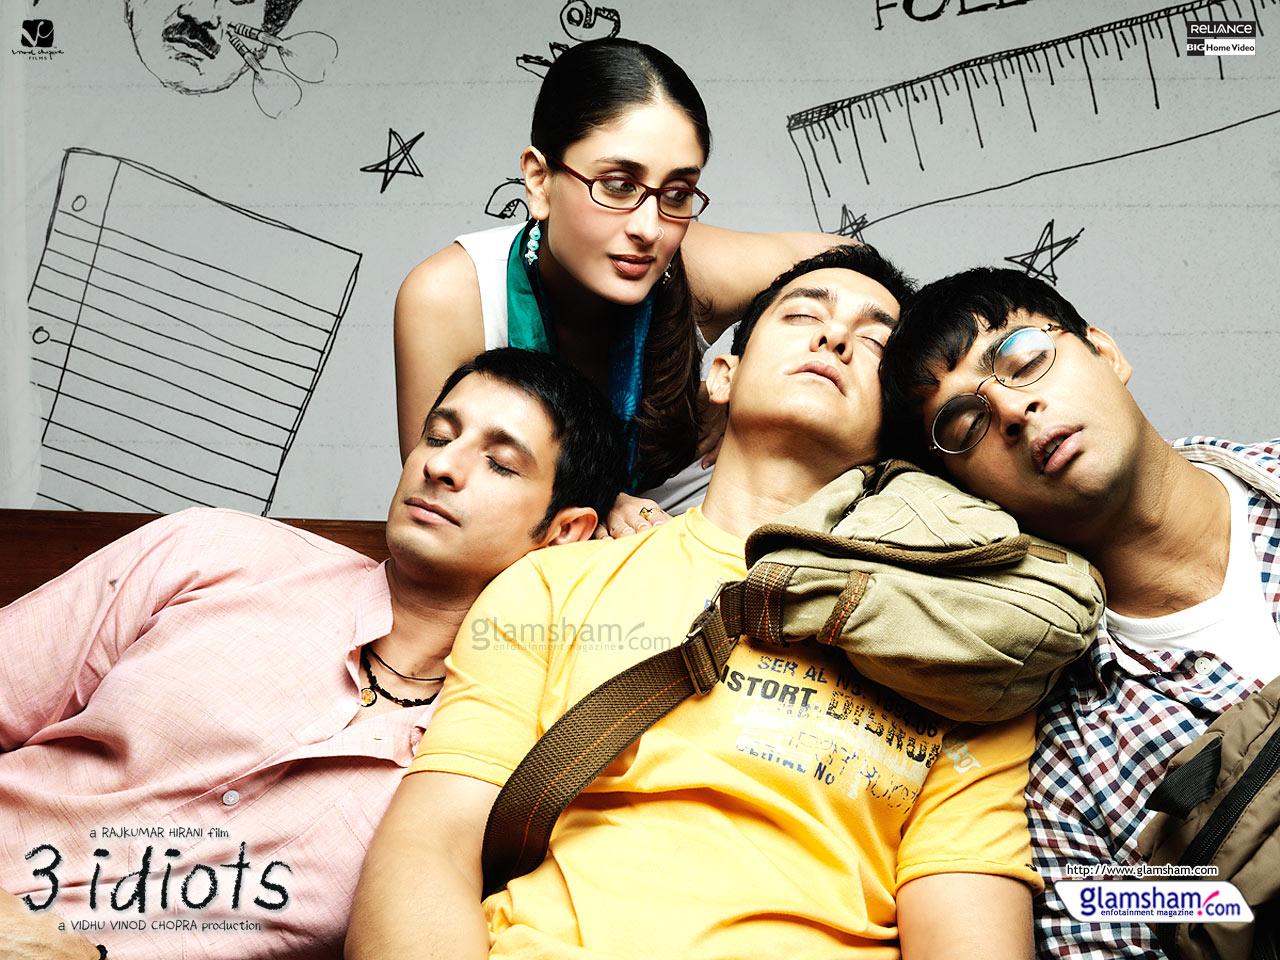 3 Idiots Review